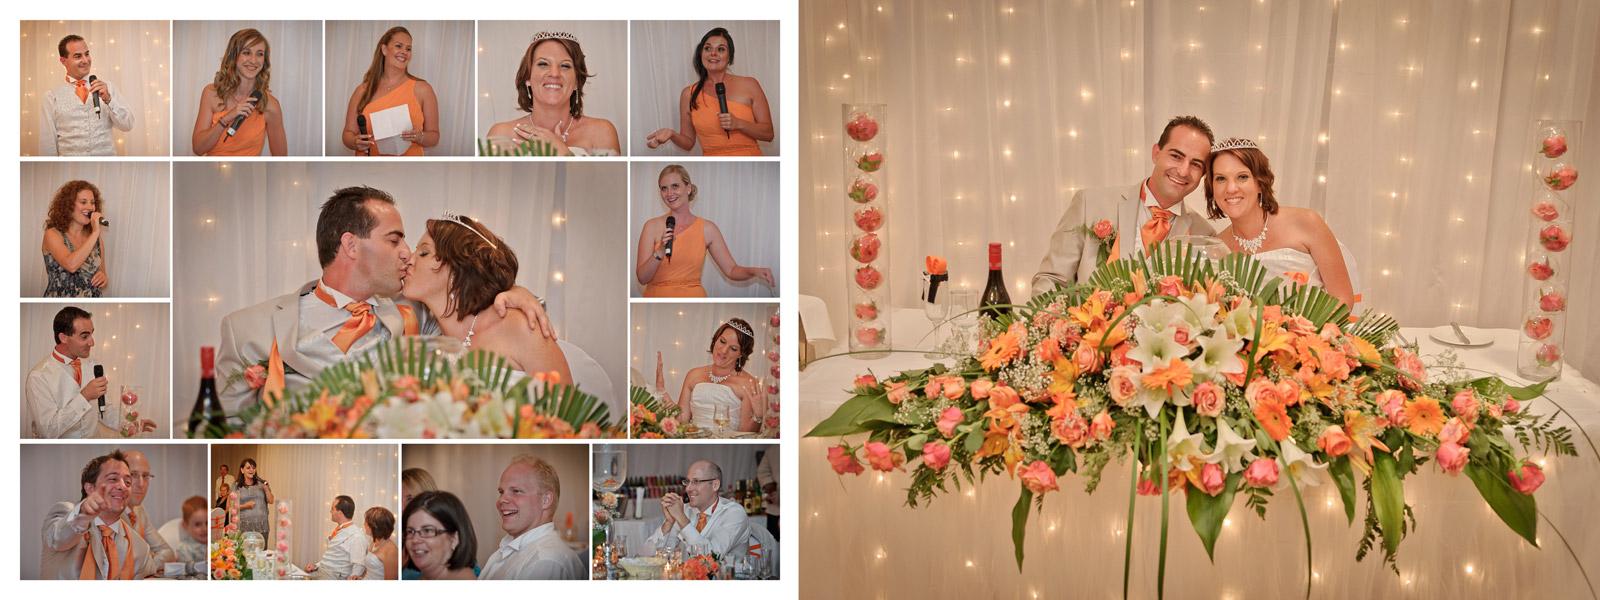 Nathalie Boucry Photography | Charlene and Craig Wedding Album 030